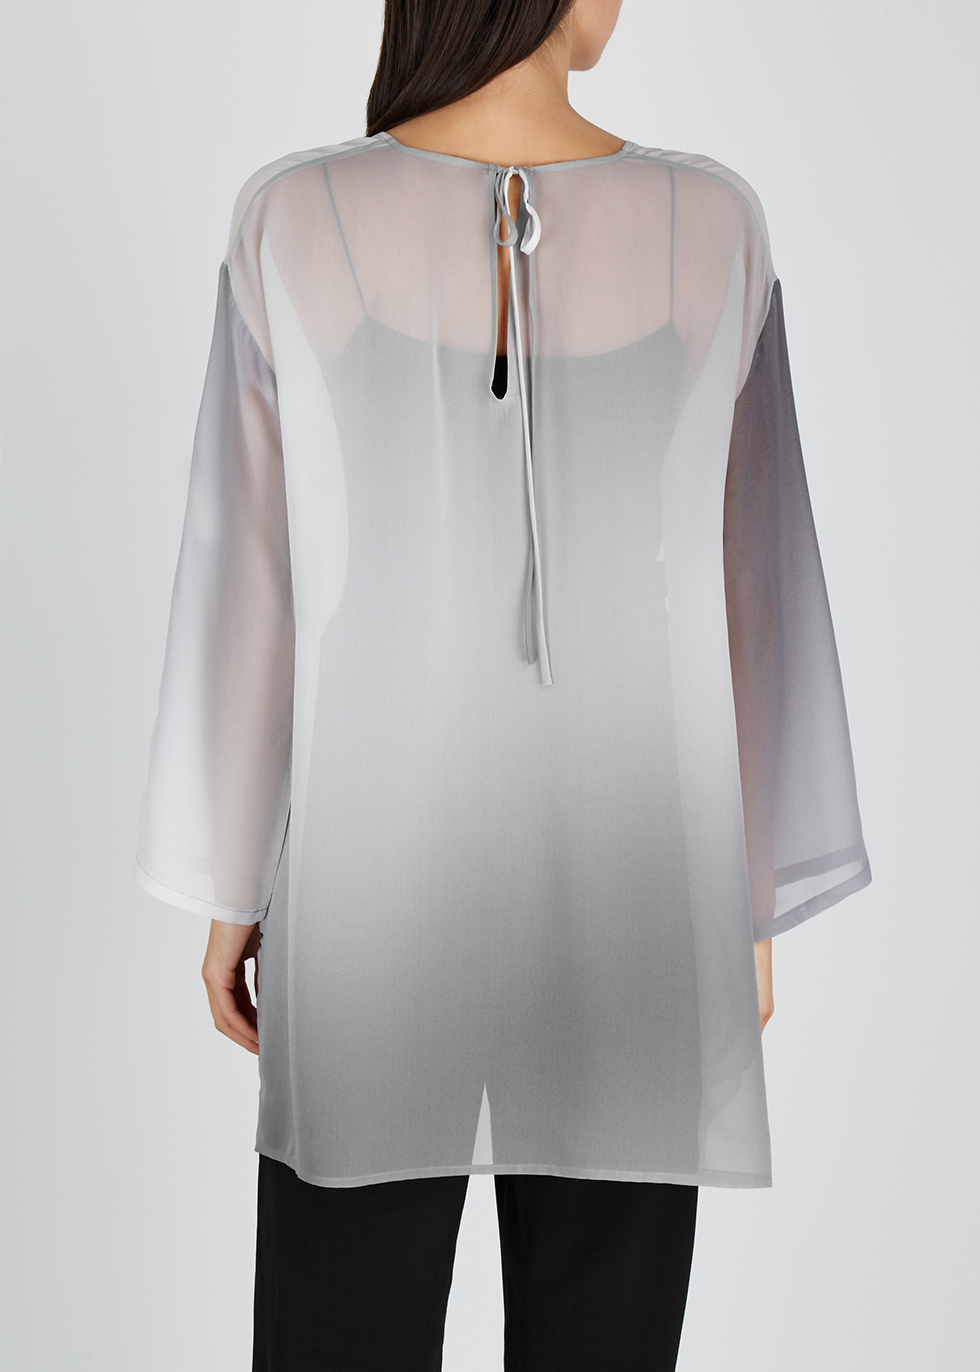 Grey dégradé silk blouse - EILEEN FISHER